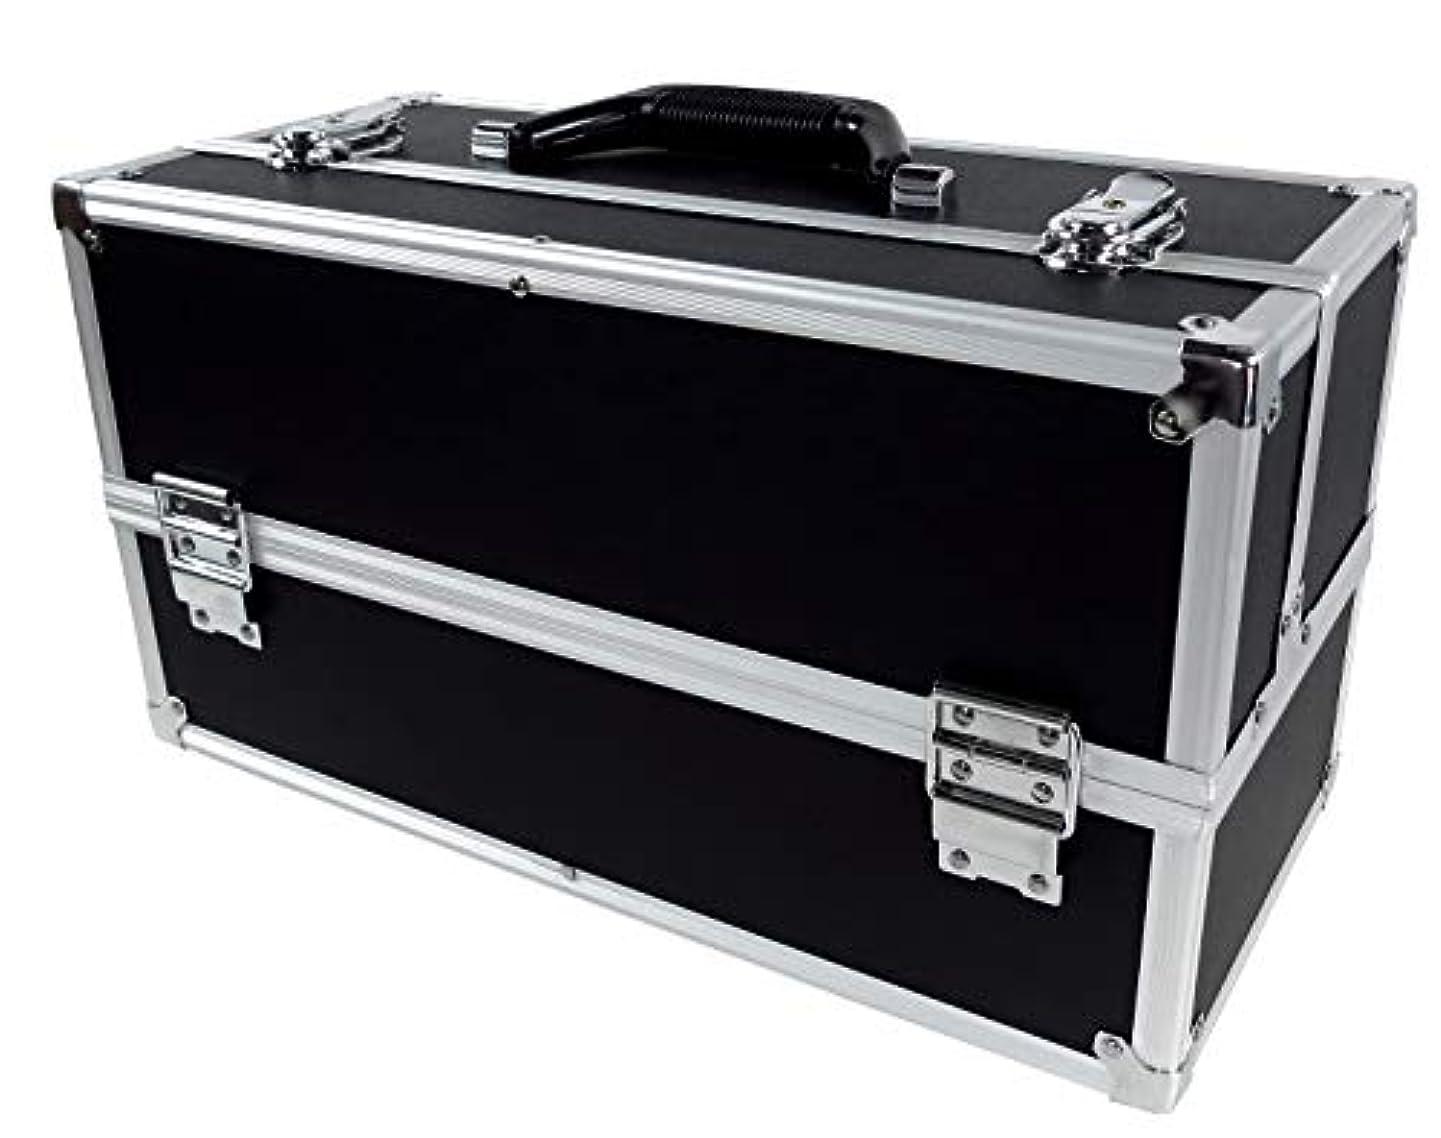 雑品神聖テントリライアブル コスメボックス ワイド RB201-BK 鍵付き プロ仕様 メイクボックス 大容量 化粧品収納 小物入れ 6段トレー ベロア メイクケース コスメBOX 持ち運び ネイルケース